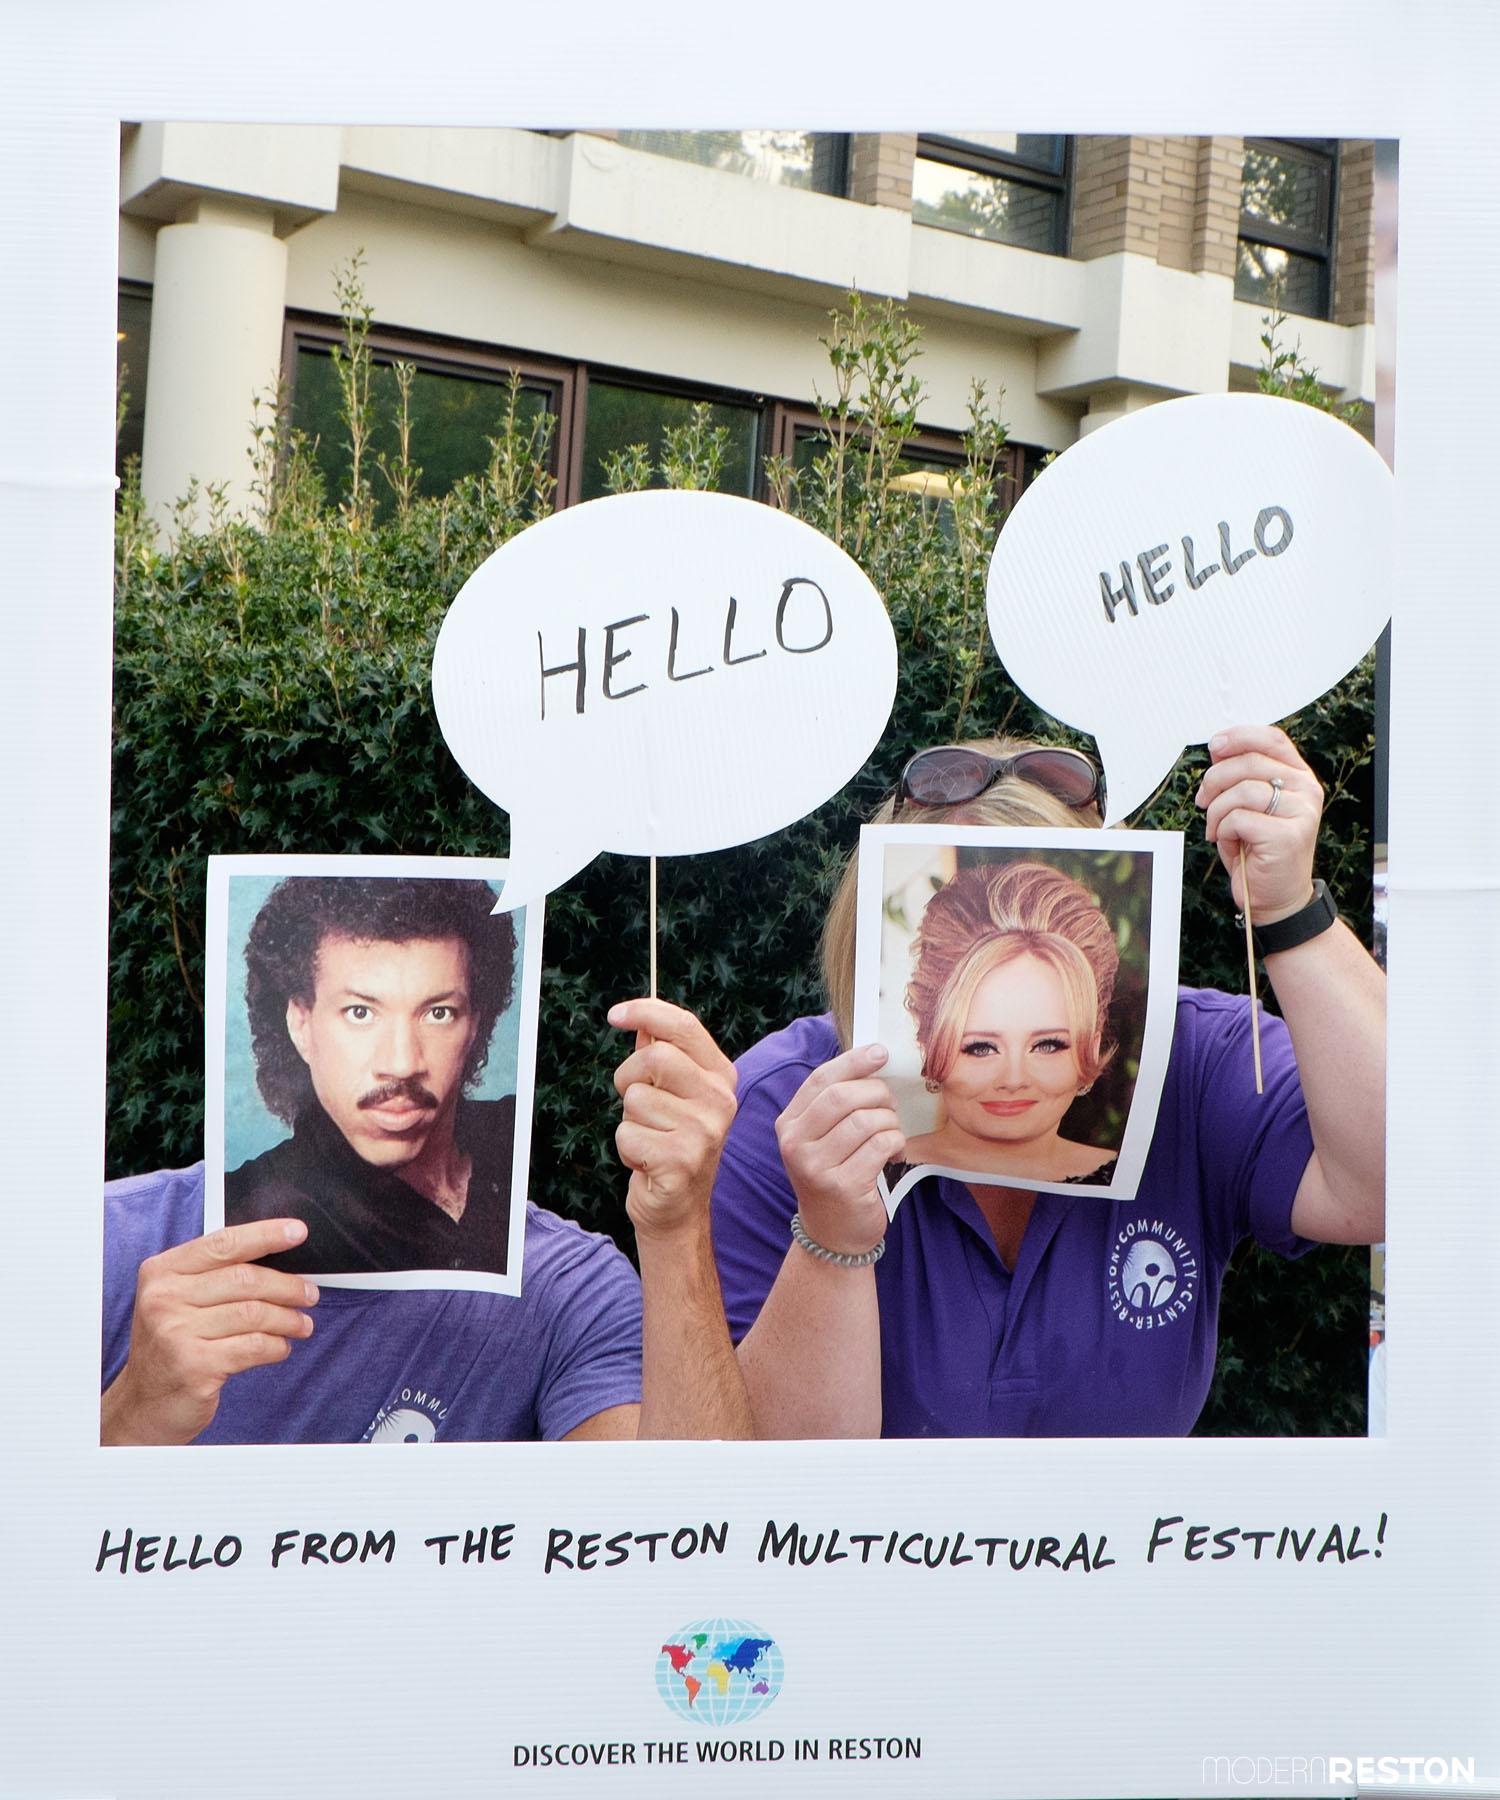 20160924-338-reston-multicultural-festival